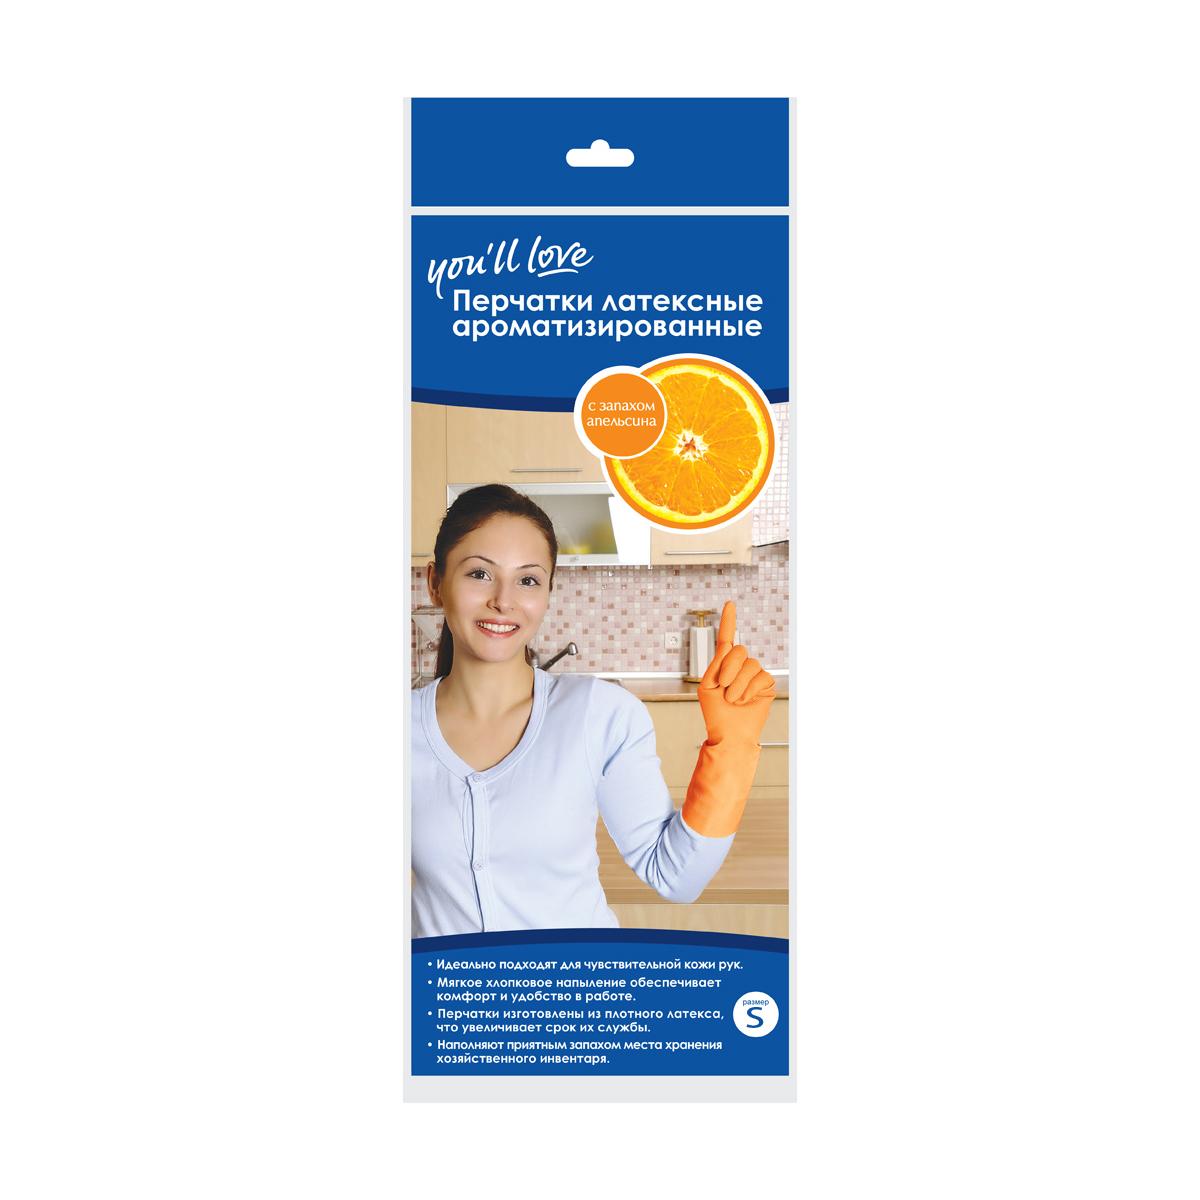 Перчатки латексные ароматизированные Youll love, аромат апельсина. Размер S60313Перчатки латексные ароматизированные Youll love с хлопковым напылением защищают ваши руки от загрязнений, воздействия моющих и чистящих средств. Приятный аромат при использовании и в местах хранения. Плотный латекс увеличивает срок службы перчаток. Рифленая поверхность в области ладони защищает от скольжения.